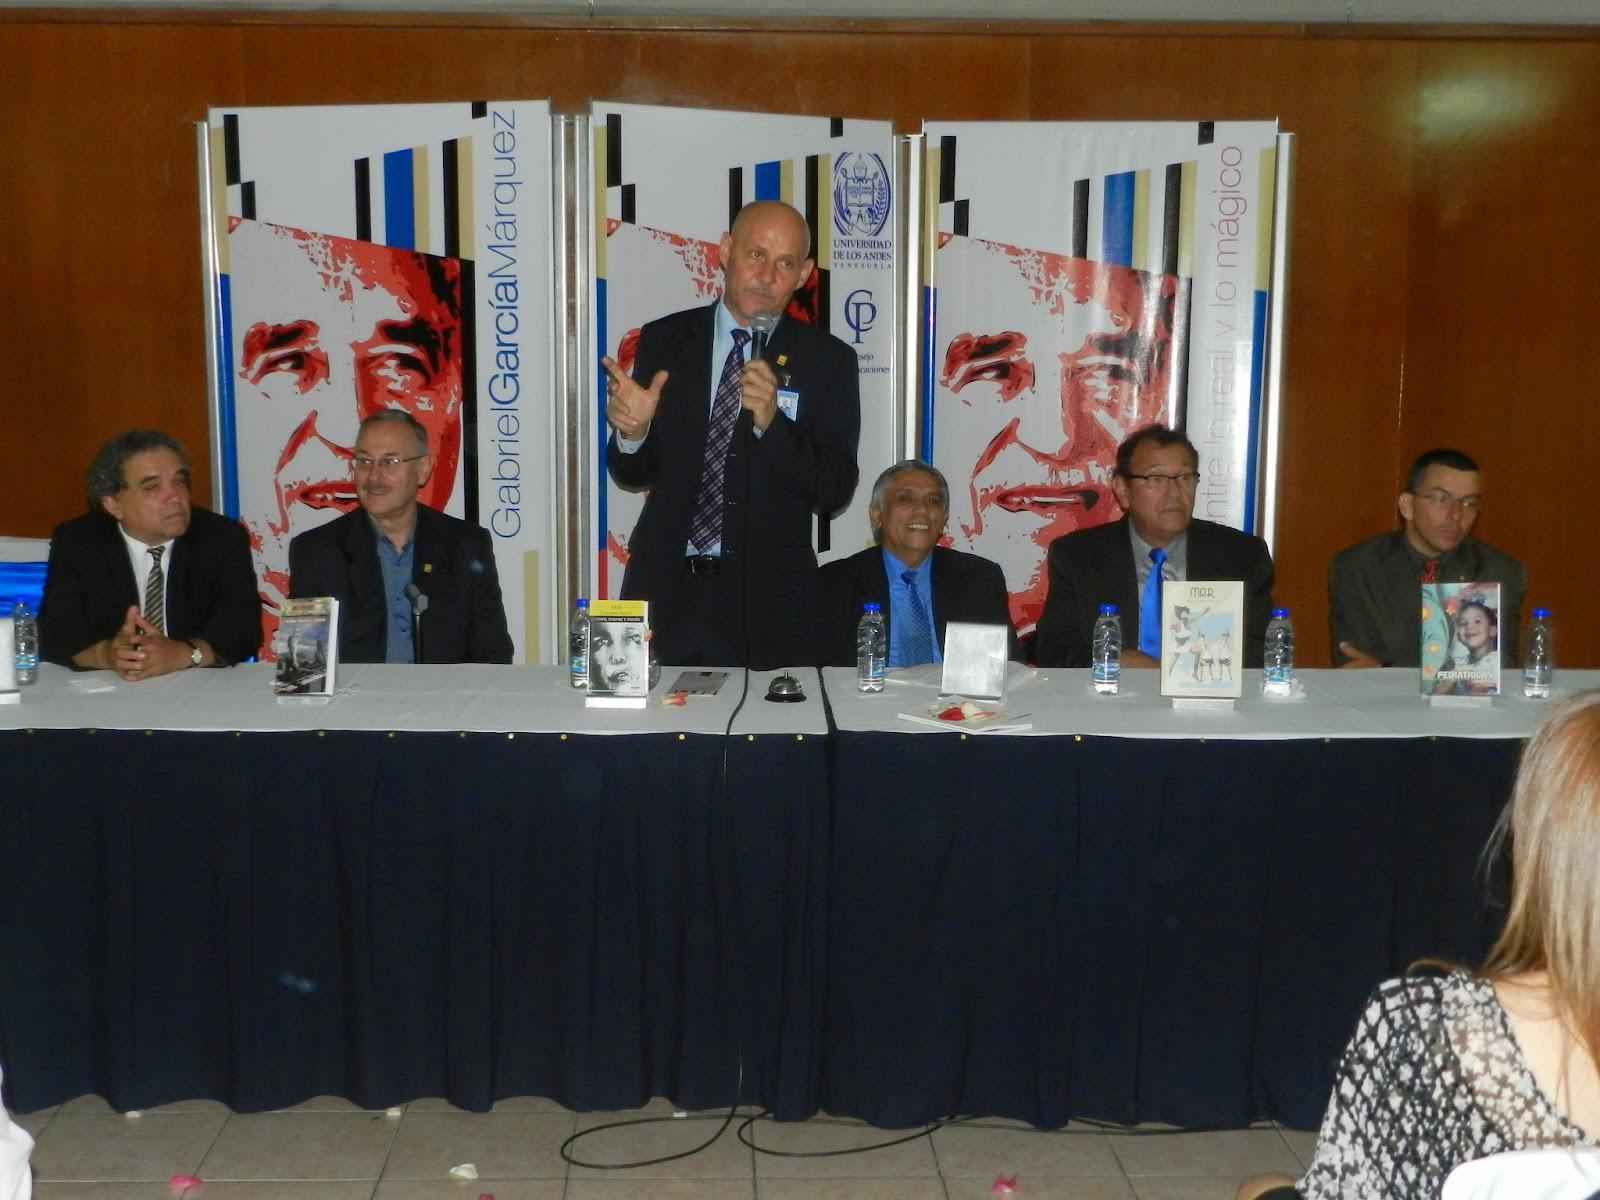 Autoridades universitarias participaron en la presentación de publicaciones del Cdchta, CEP y Daes. (Foto: Nelson Pulido)